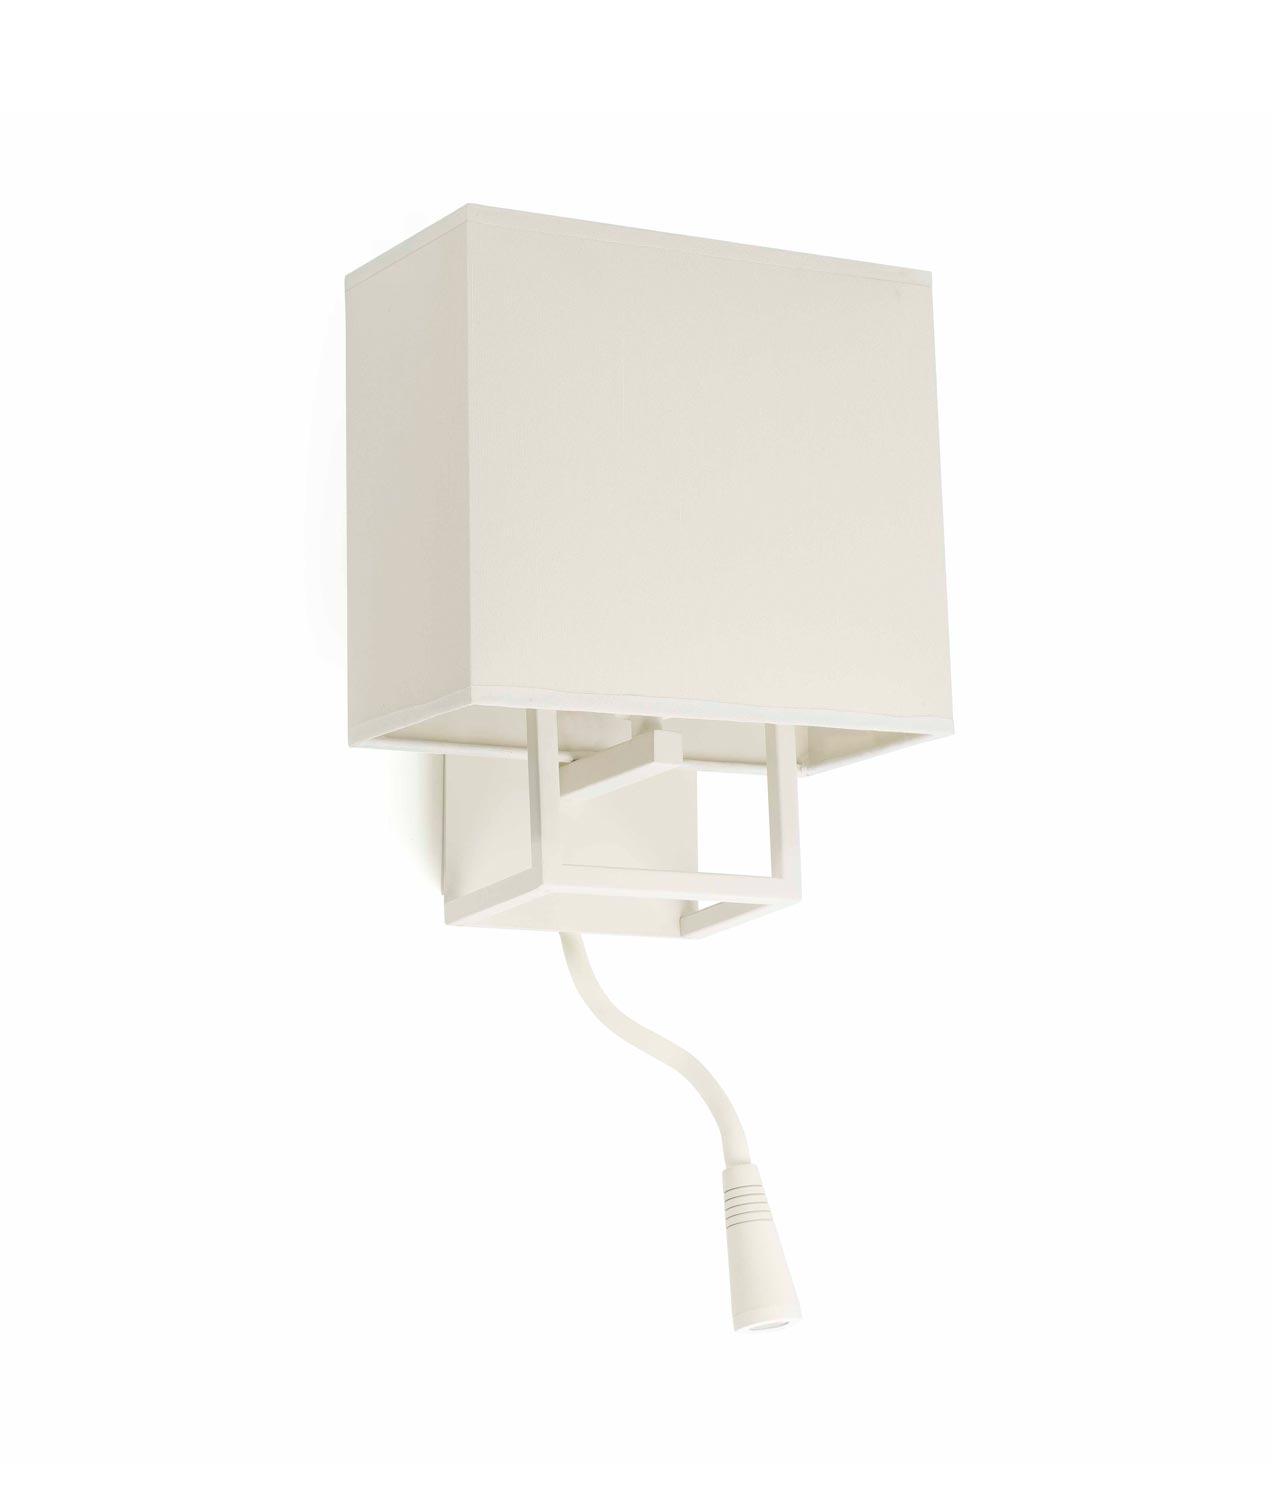 Aplique con lector LED blanco VESPER